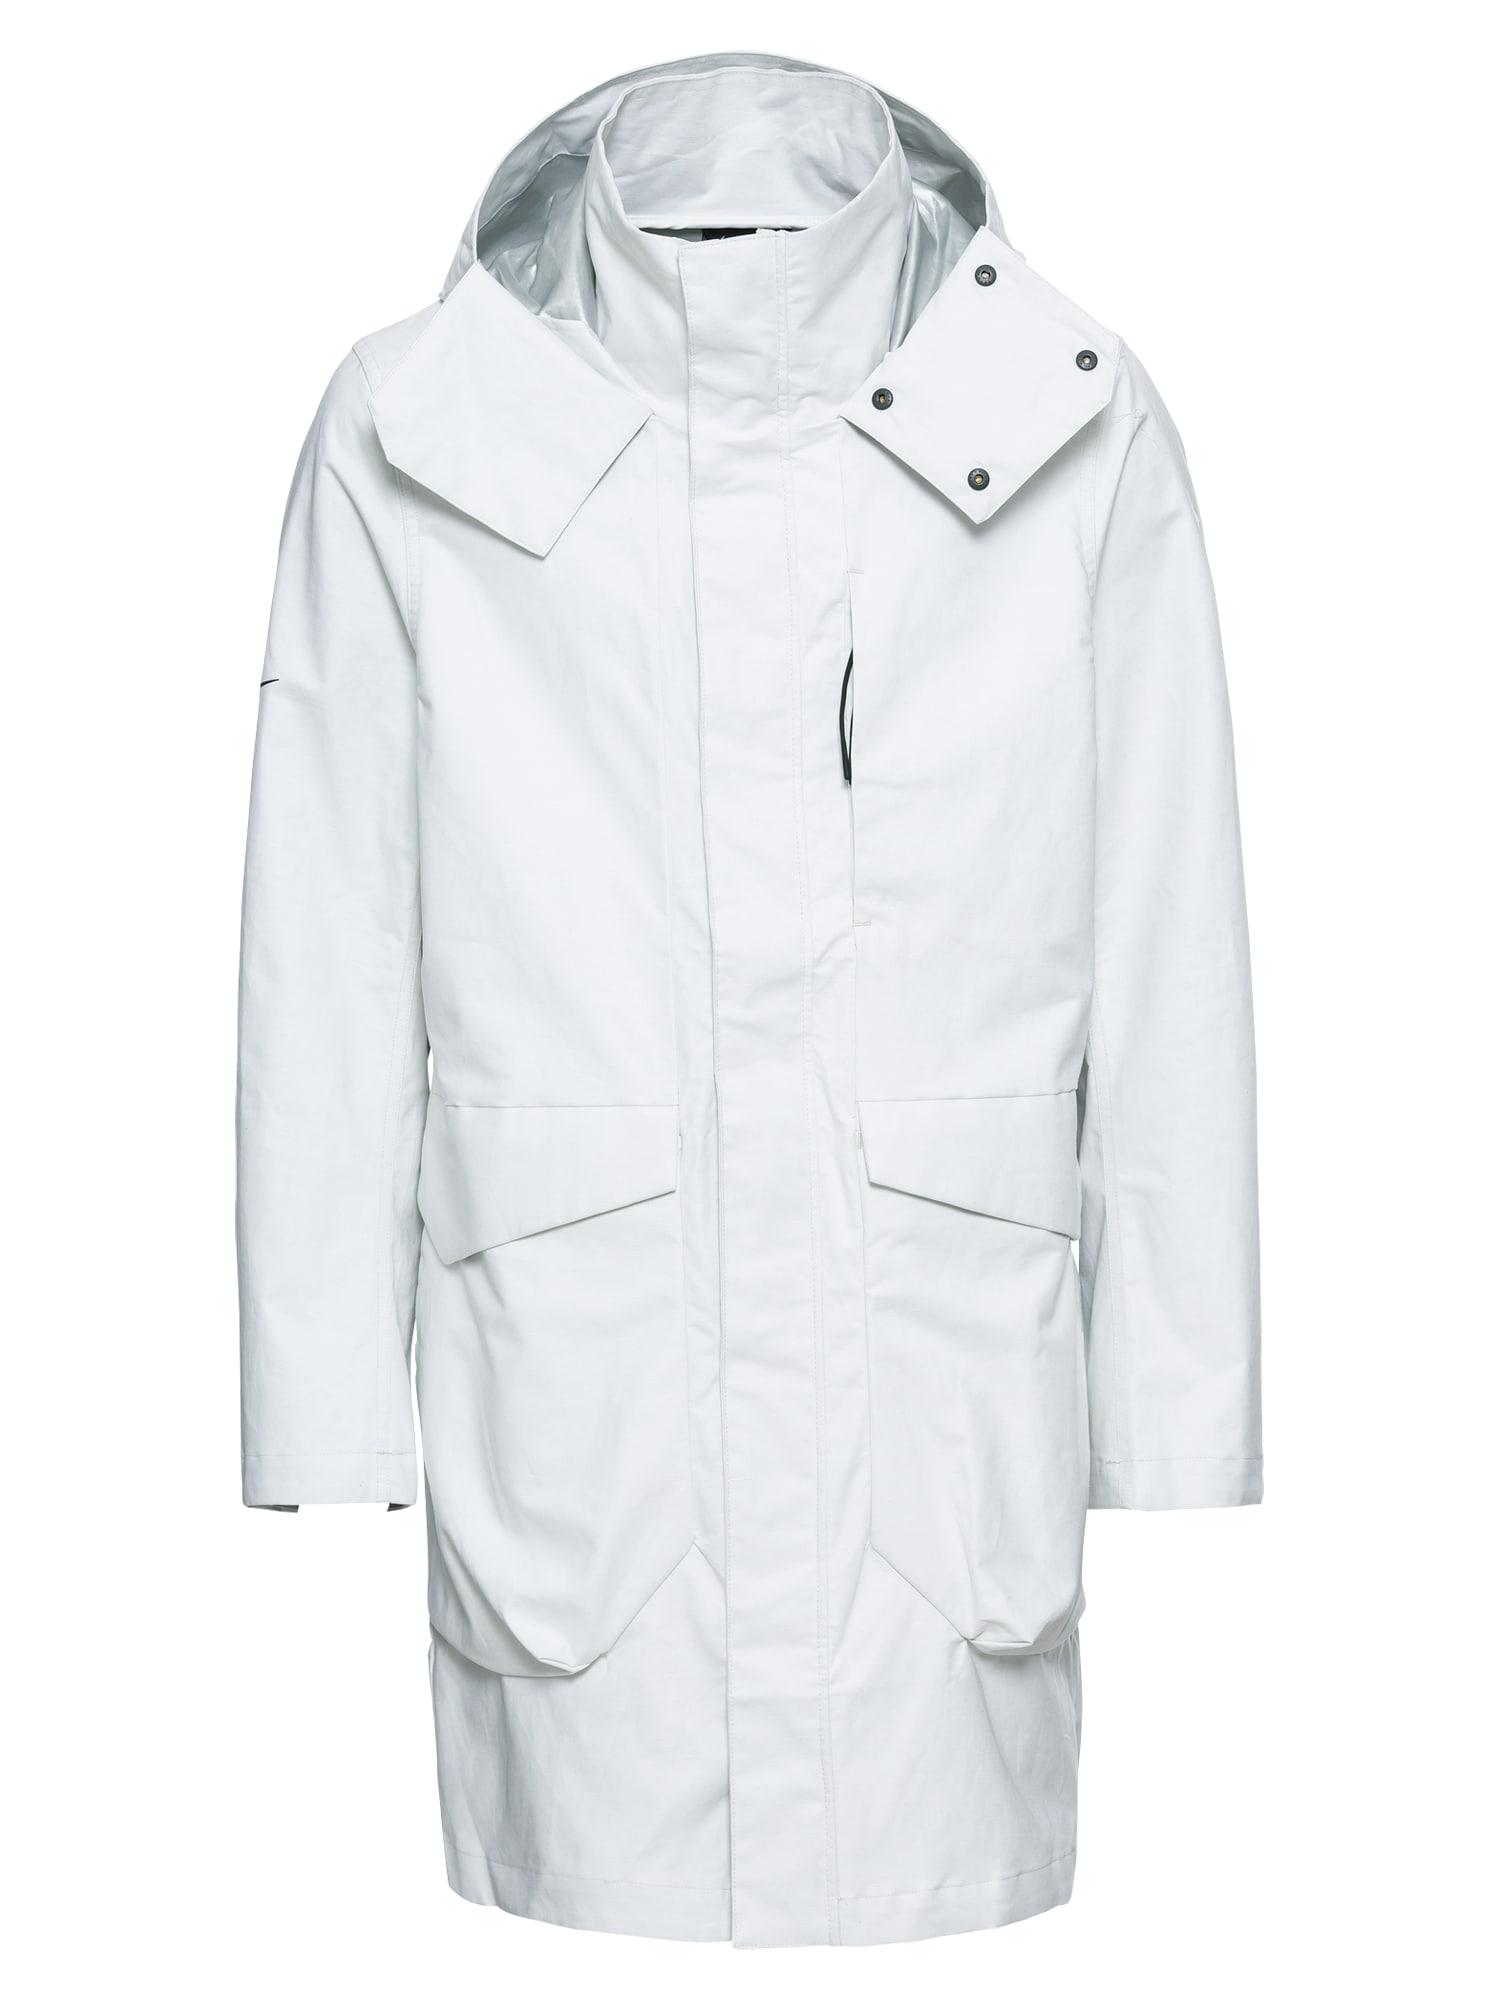 Přechodová parka TCH PCK PARKA WVN bílá Nike Sportswear